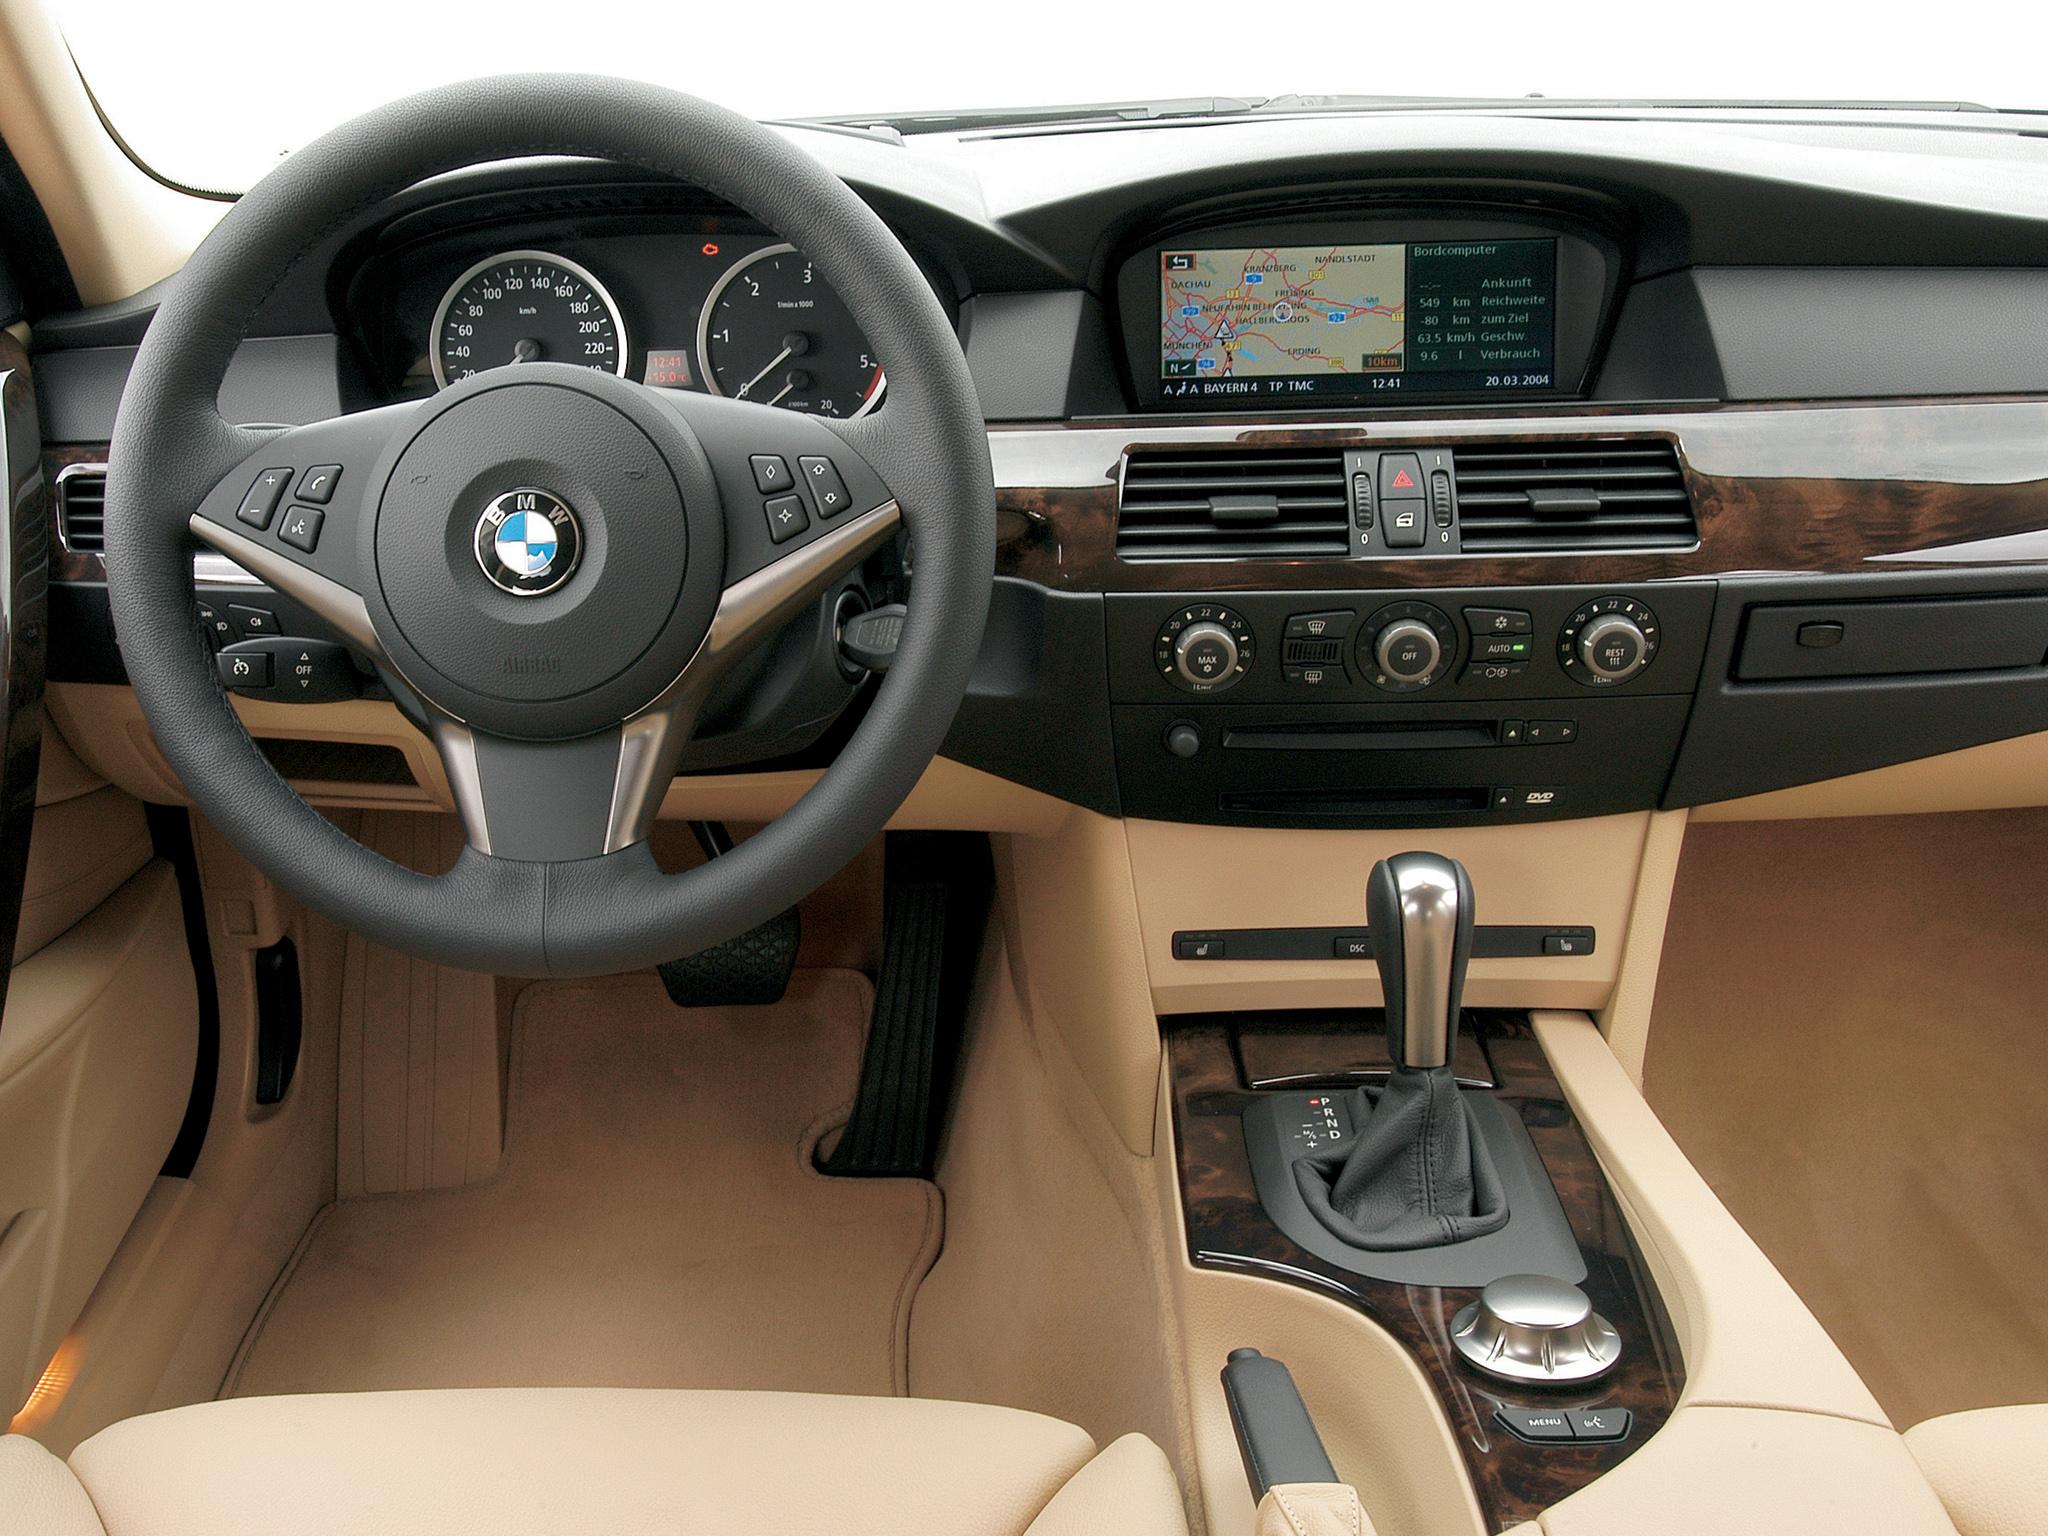 Какая информация может выводиться на проекционный дисплей BMW 5 E60